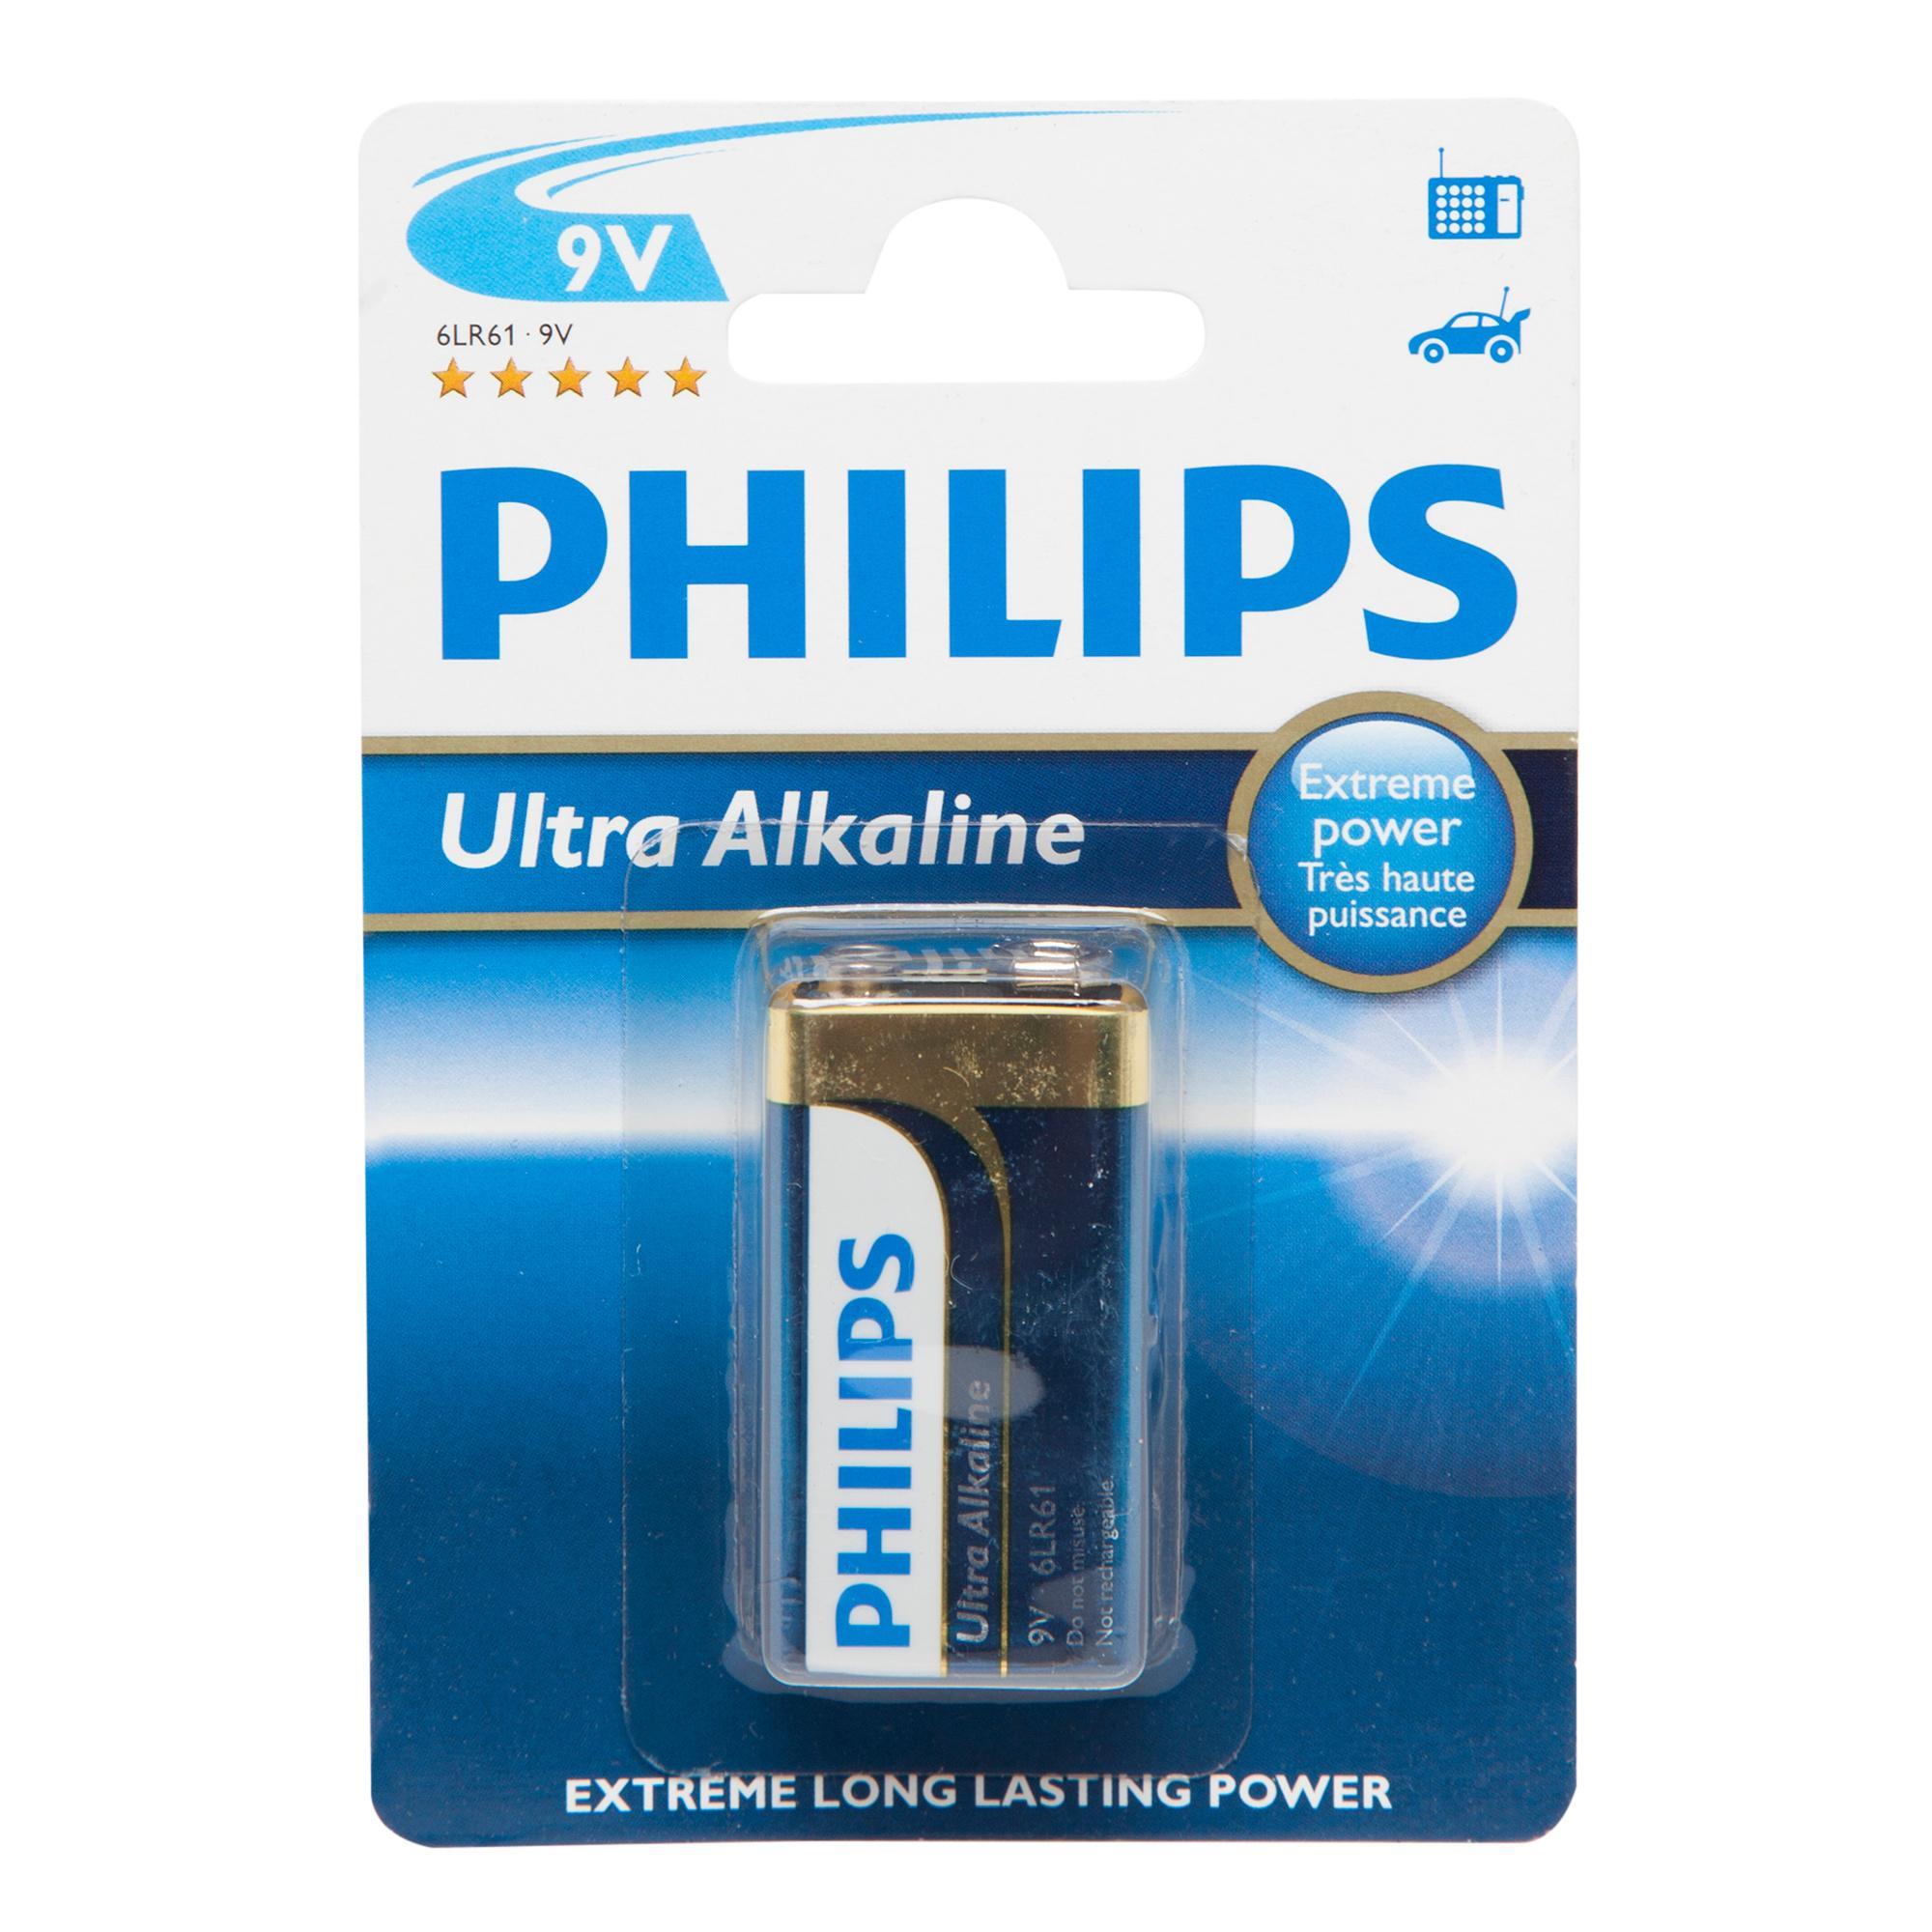 Phillips Phillips Ultra Alkaline 9V 6LR61 Battery - Black, Black